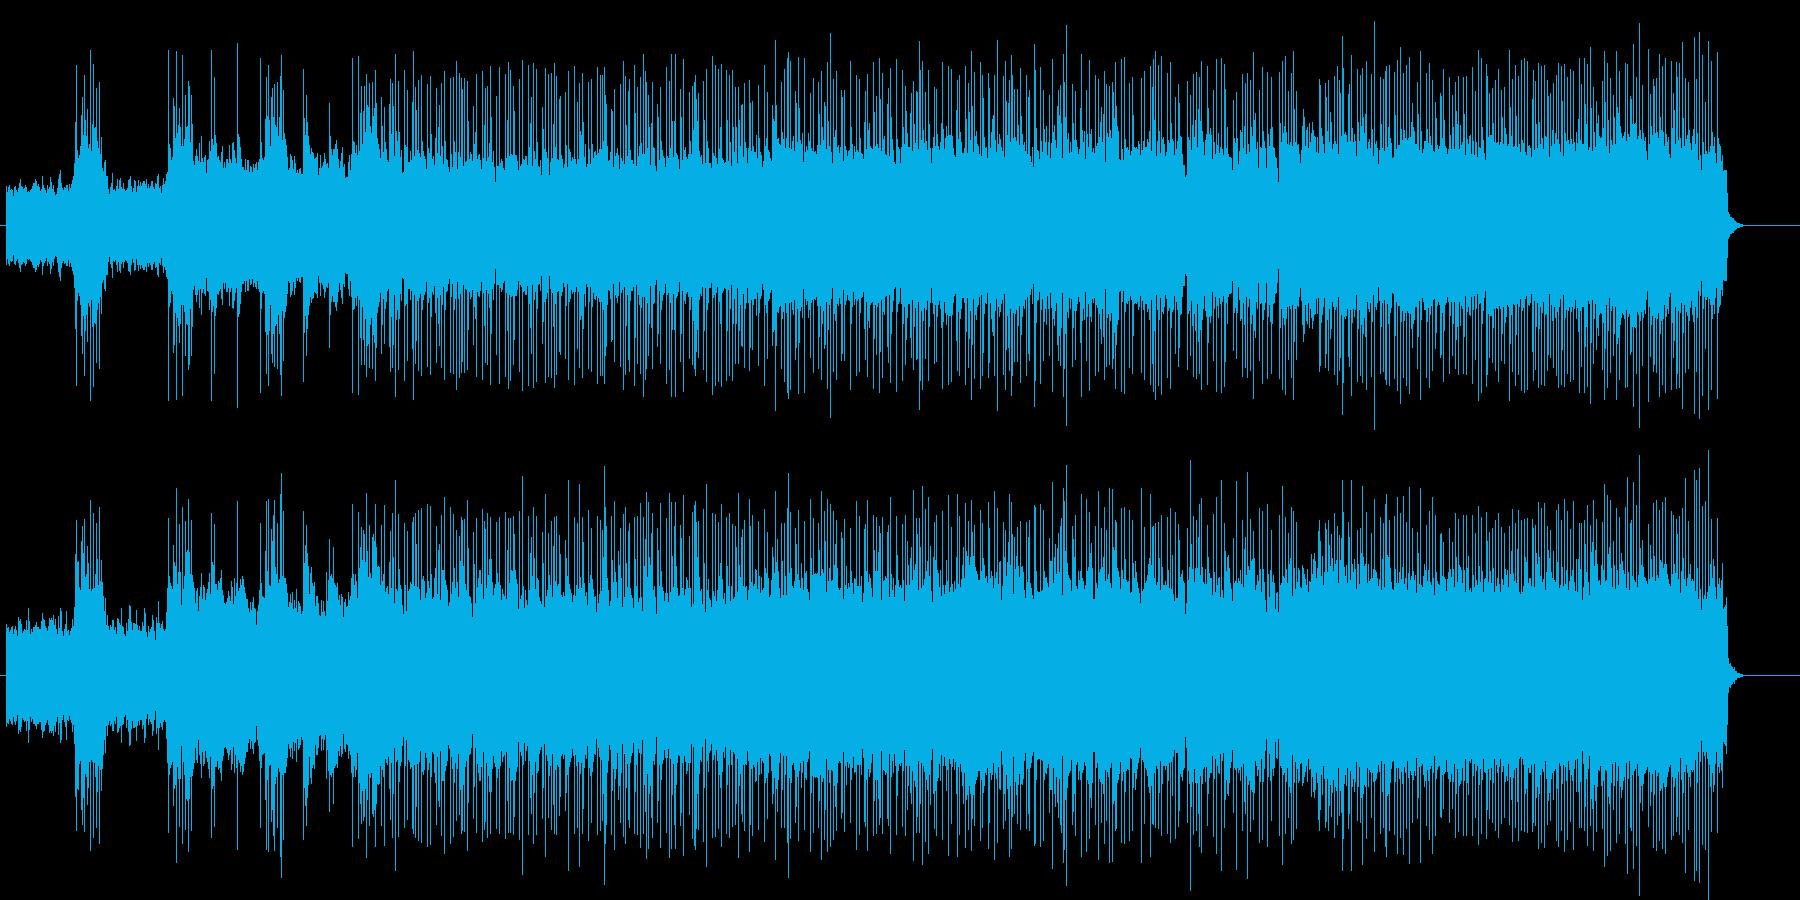 スポーティー・バトルサウンドの再生済みの波形